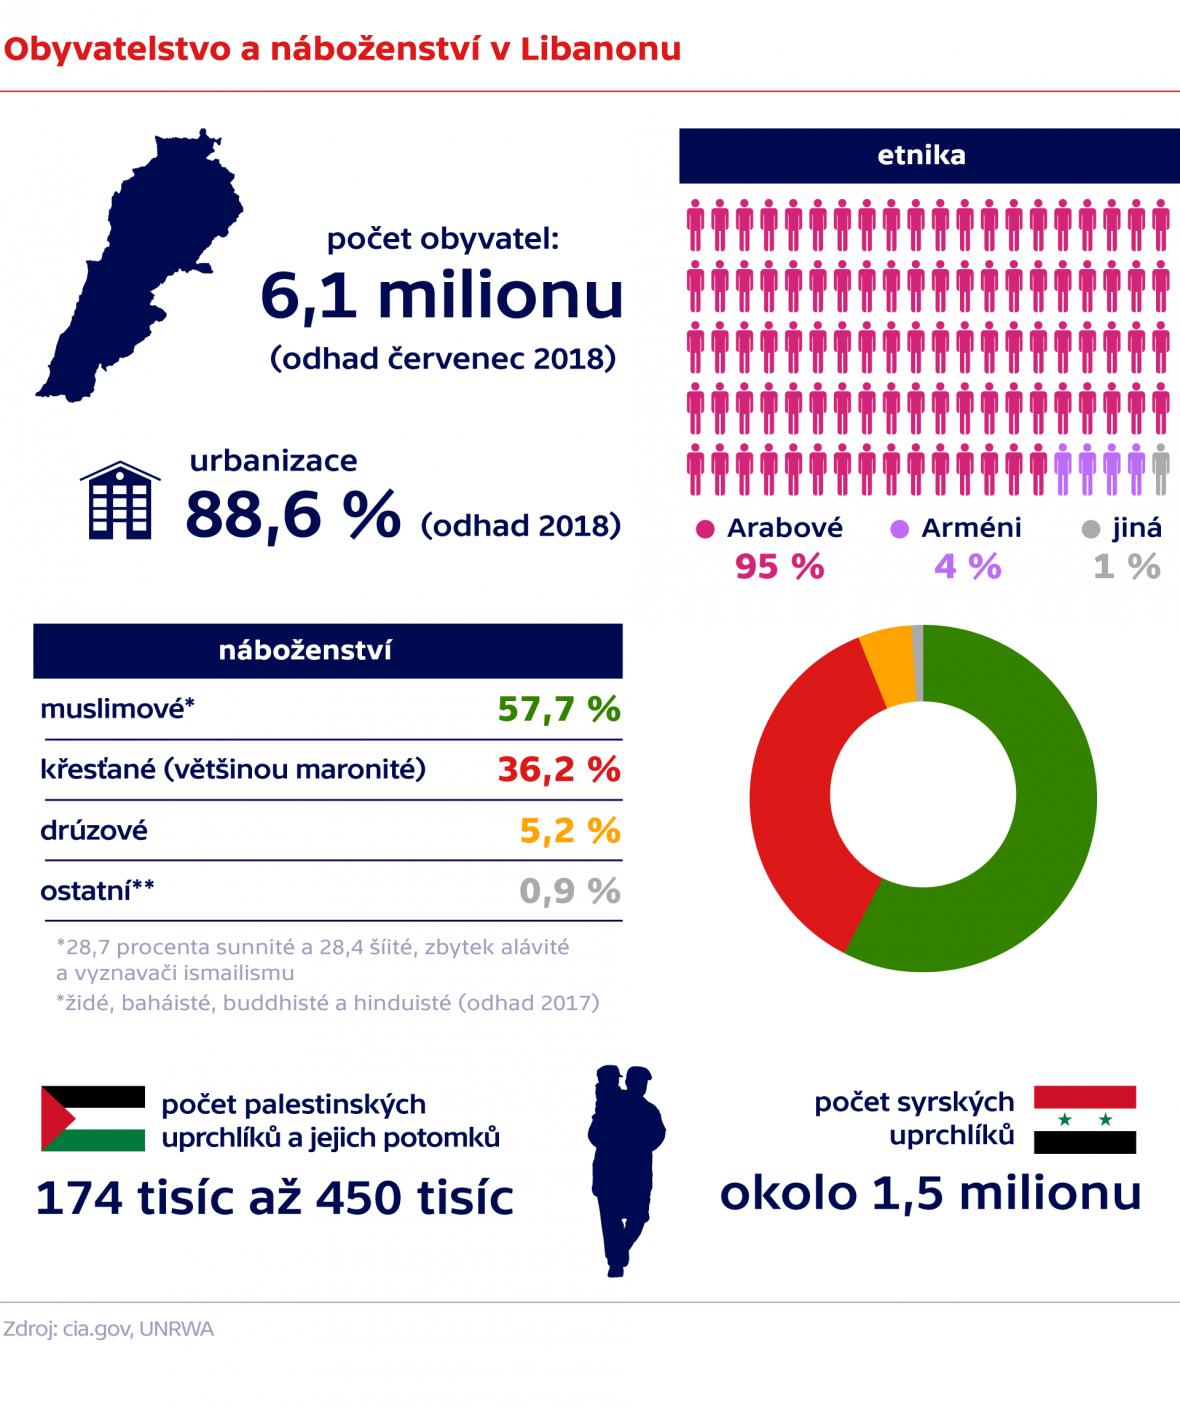 Obyvatelstvo a náboženství v Libanonu